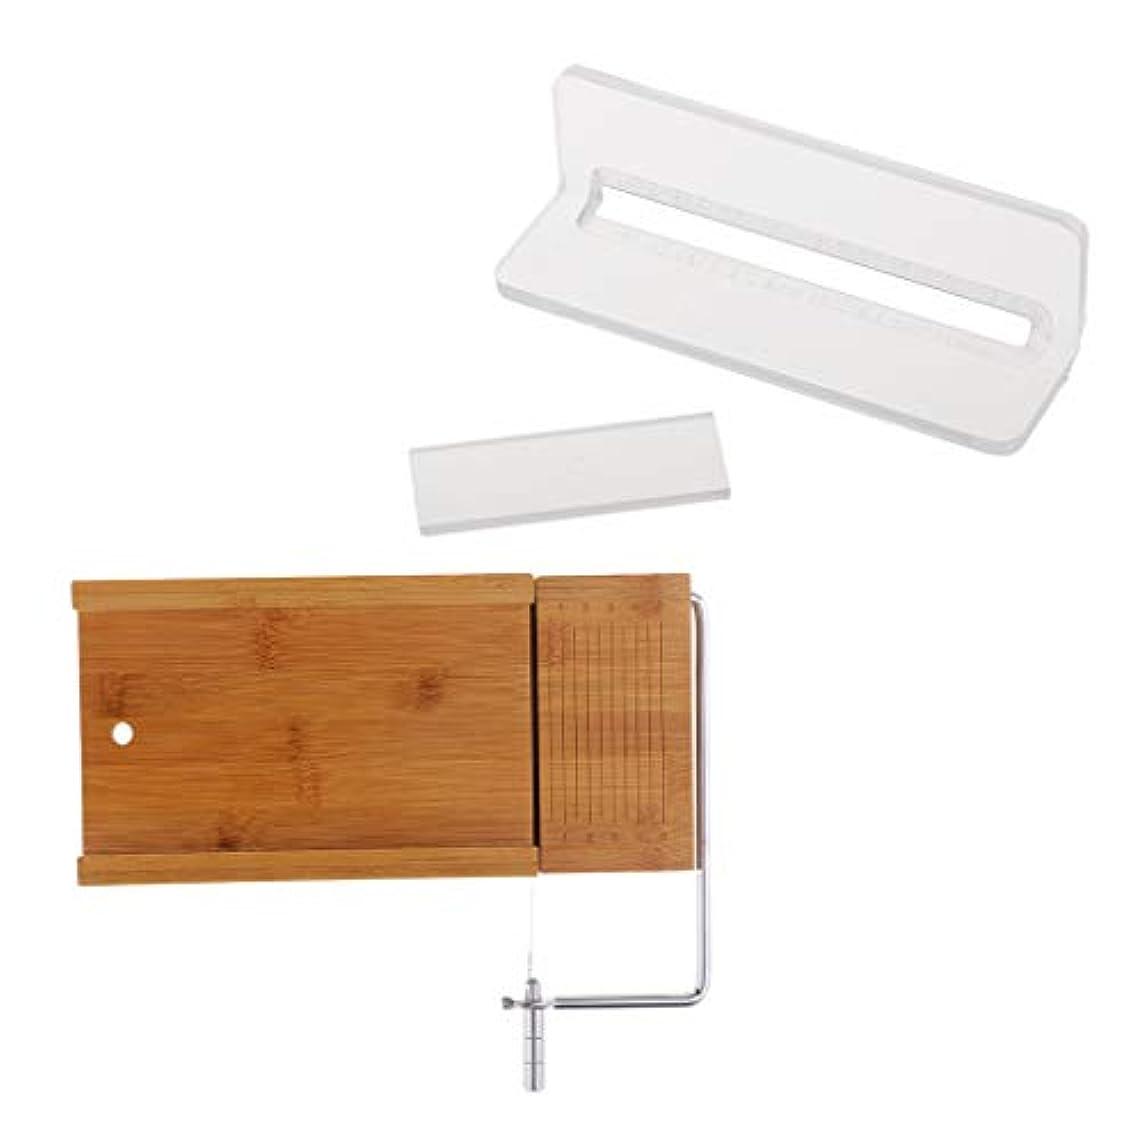 フェザー置くためにパックエレメンタルチーズカッター 木製 ローフカッター ソープカッター ソープ包丁 3次元カット 2個入り